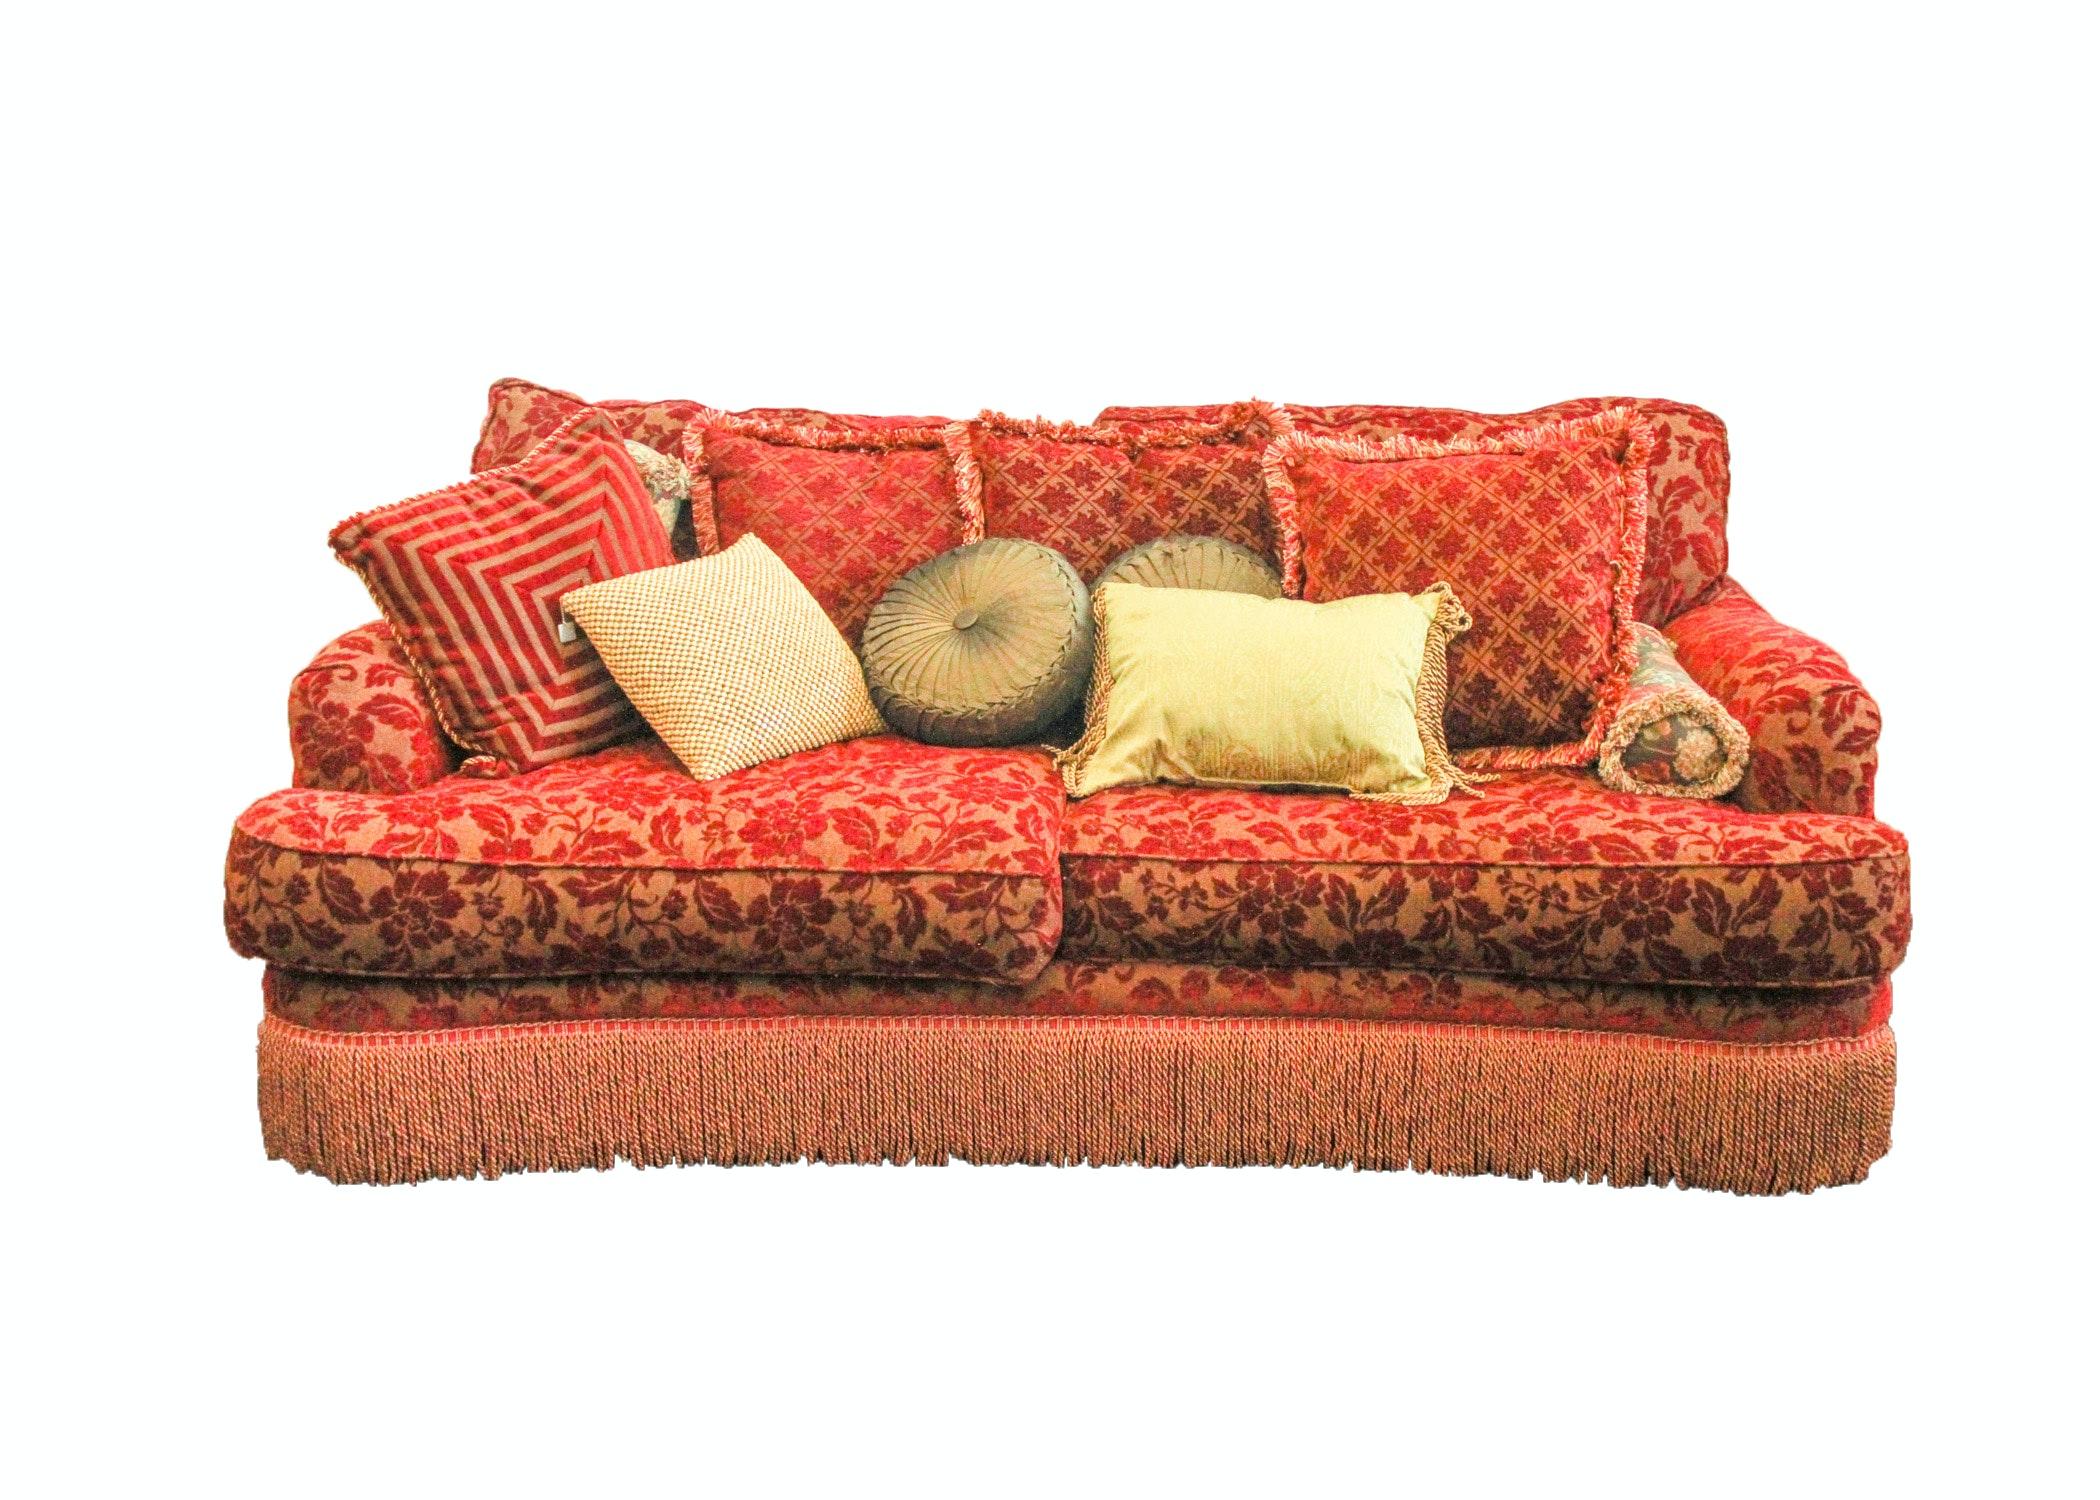 Red Floral Velveteen Brocatelle Sofa ...